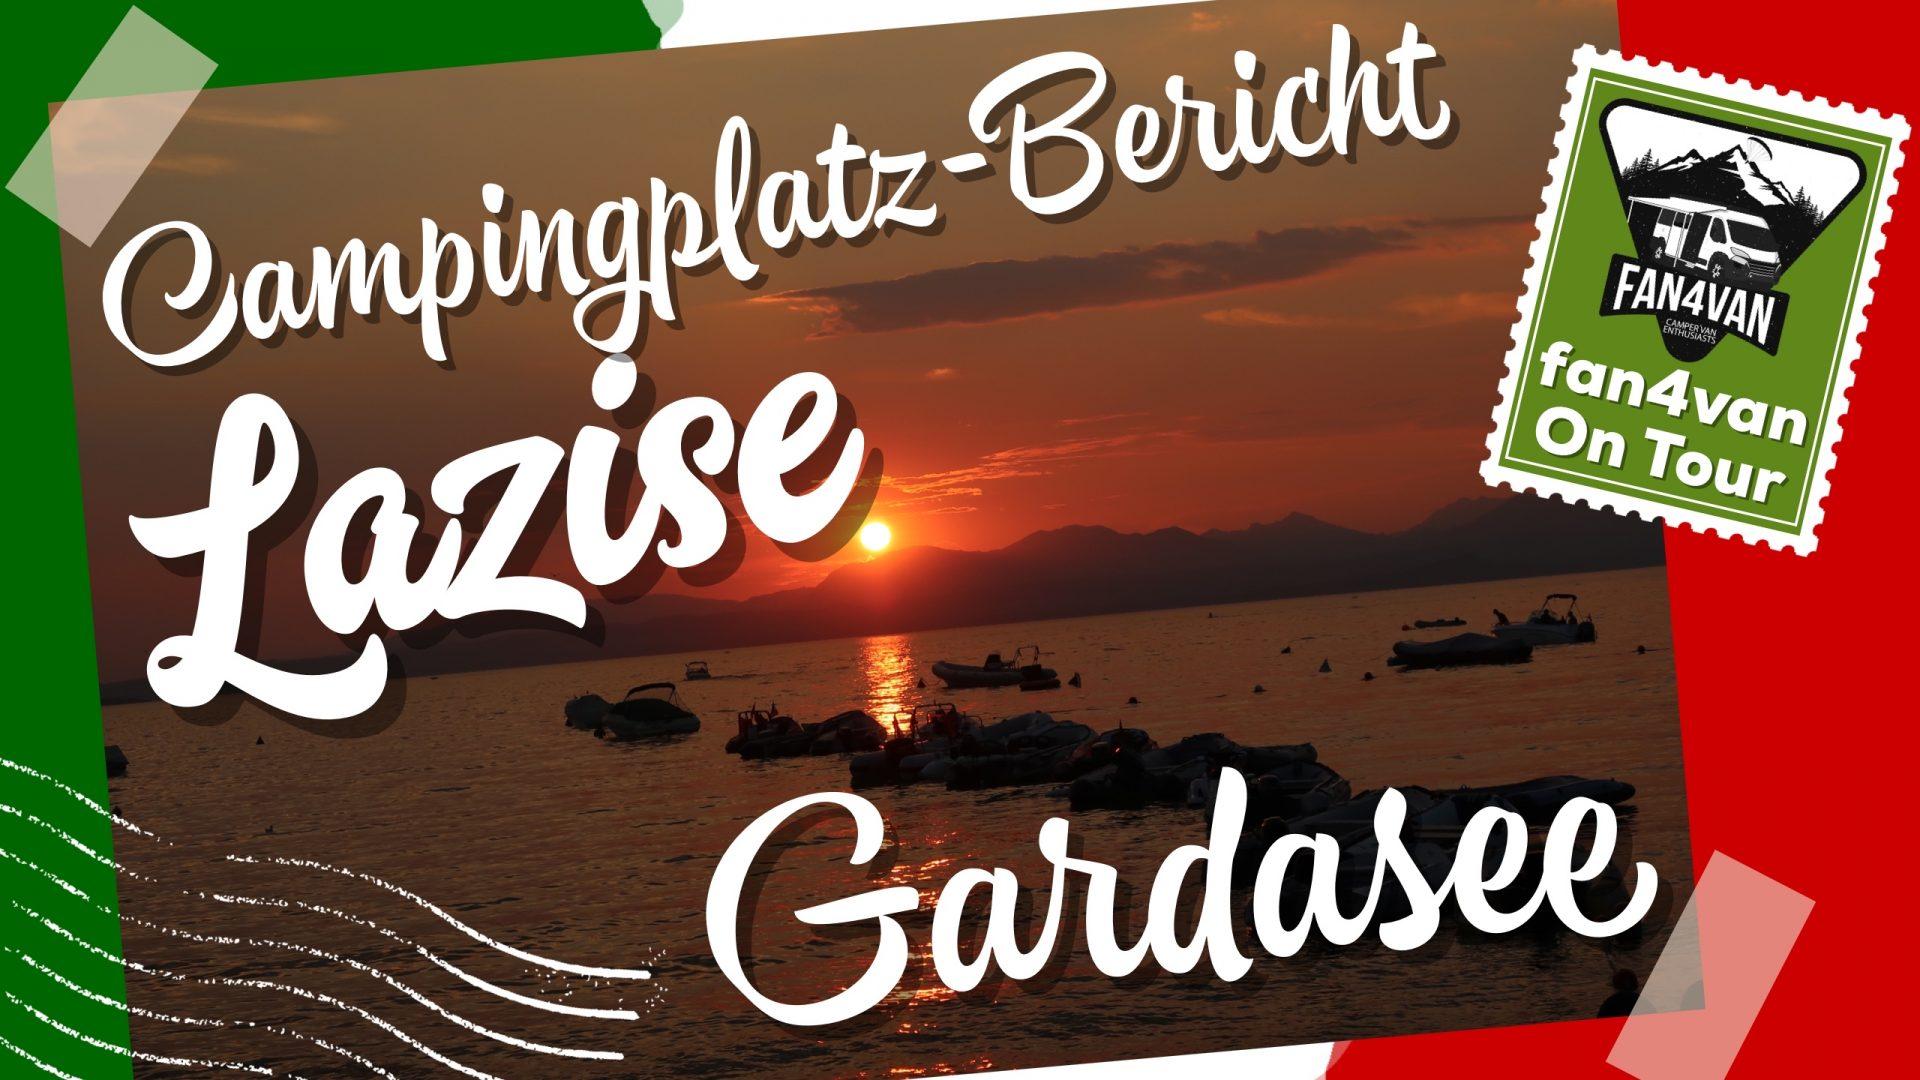 fan4van am Gardasee mit einem Campingplatz Bericht aus Lazise